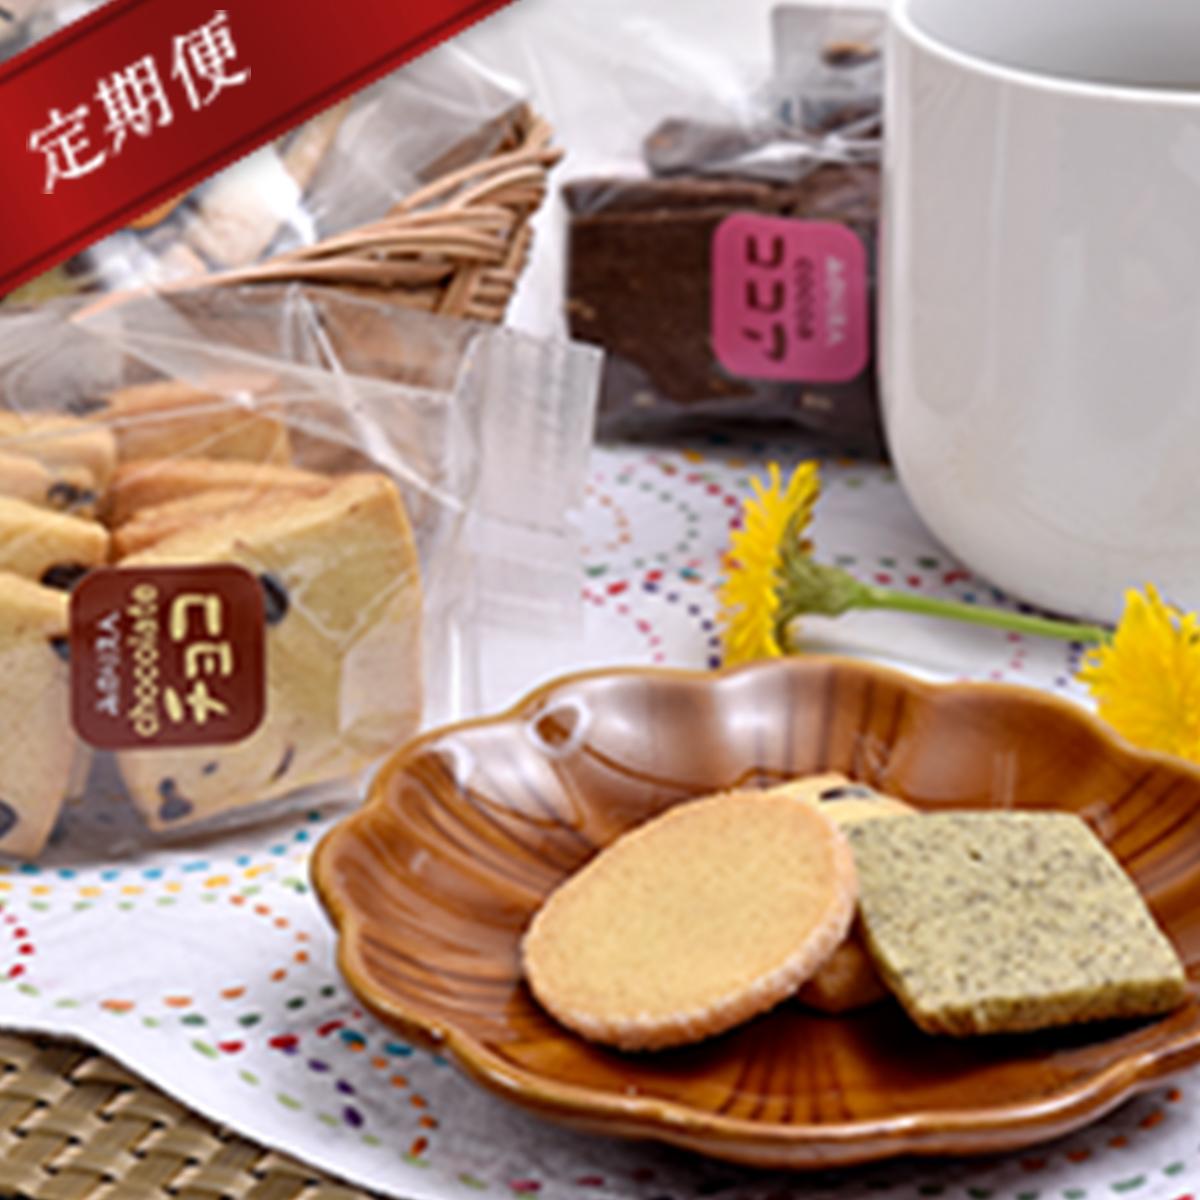 【ふるさと納税】みのり園の「手作りクッキー」とフリゴレスの「クラフトコーヒー」ギフトセット(クッキー4袋 +自家焙煎ドリップバッグ4袋) 7回お届け